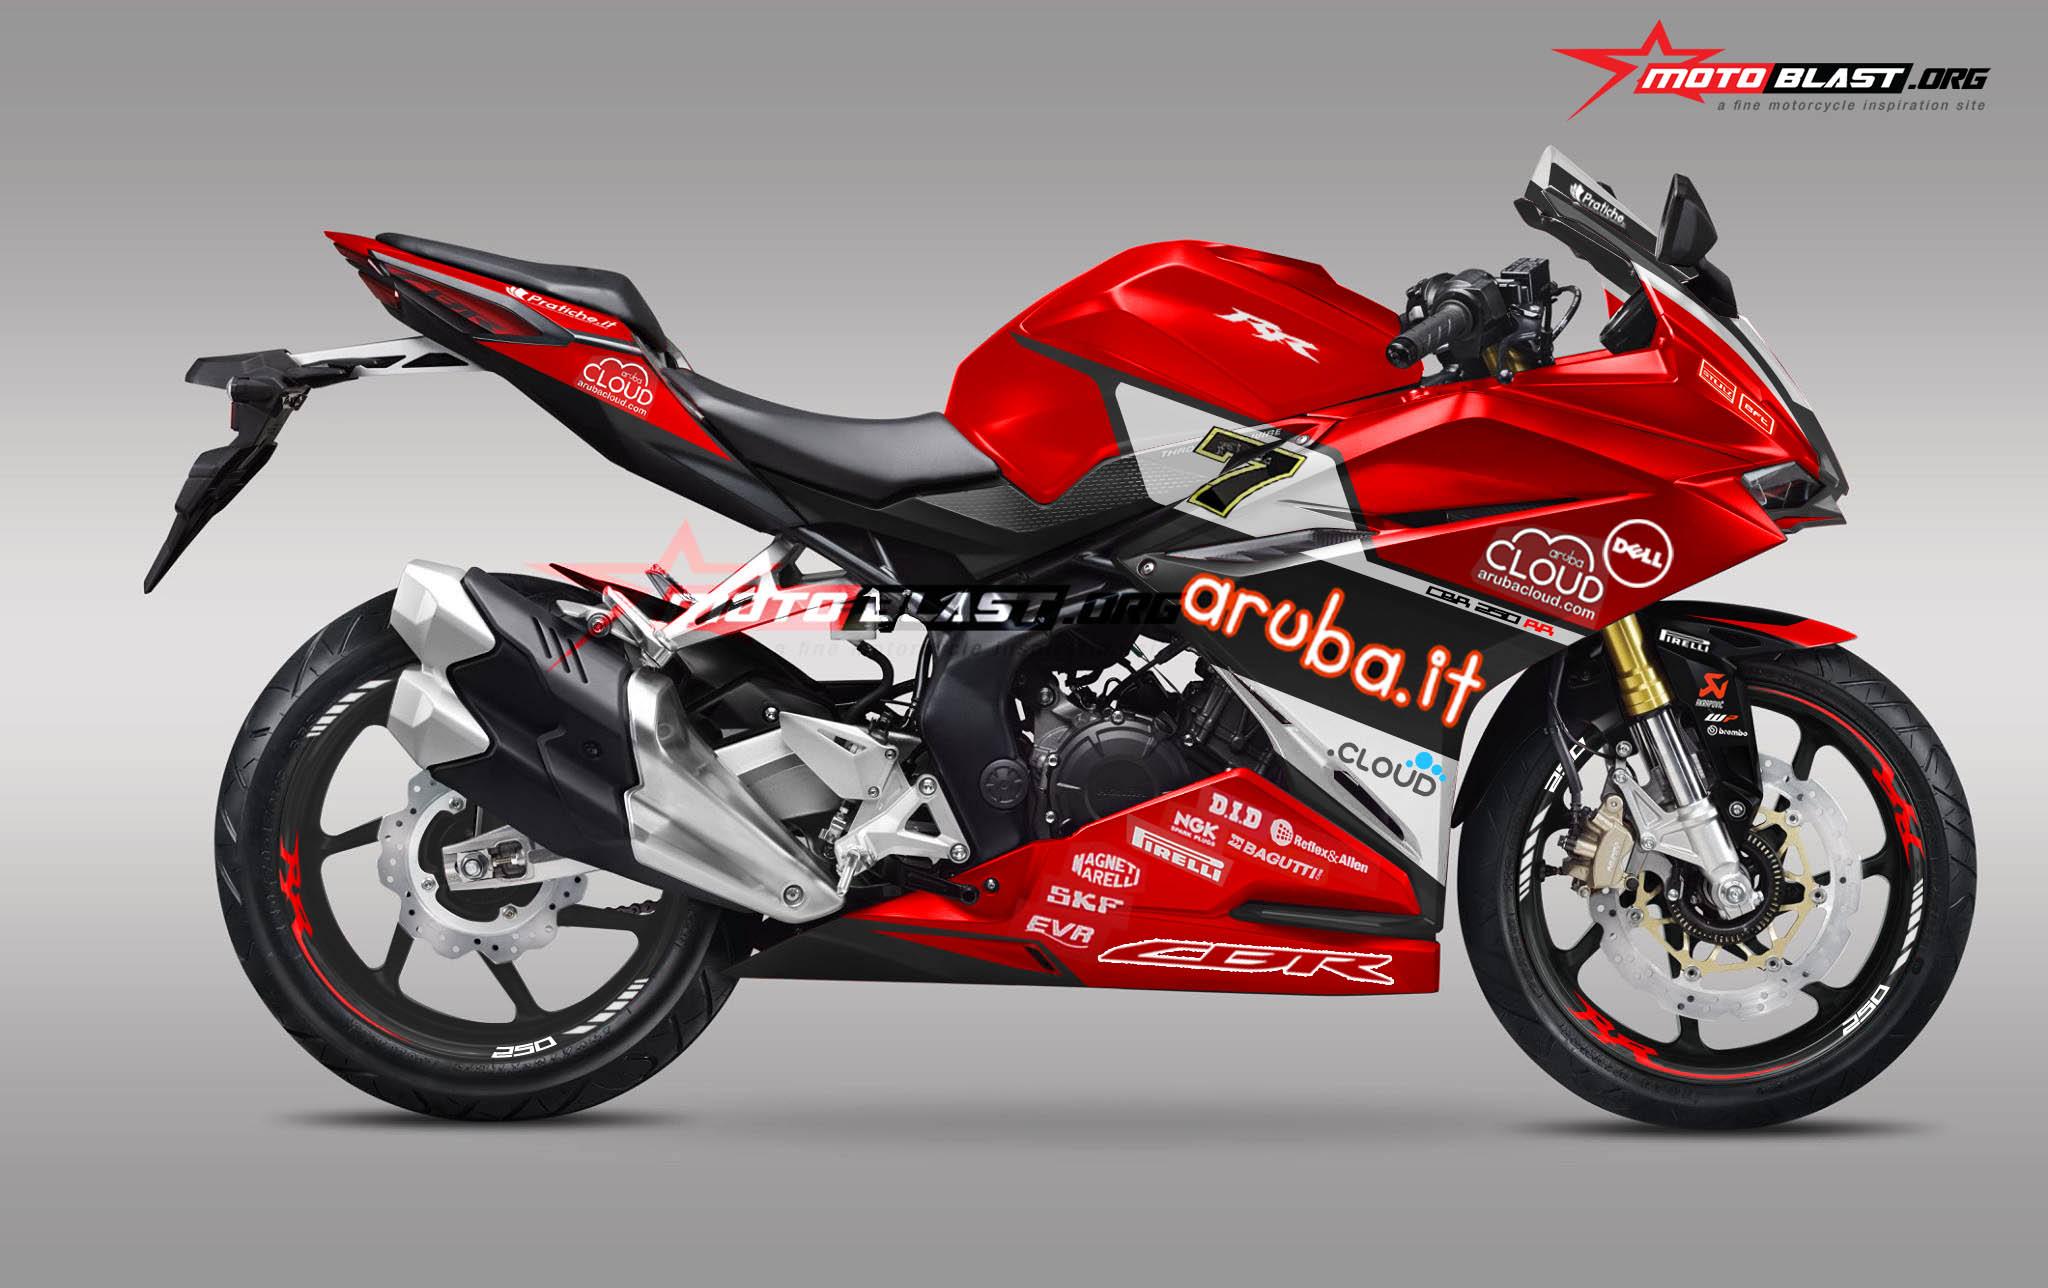 Modifikasi Striping Honda CBR250RR RED – Aruba it WSBK 2016